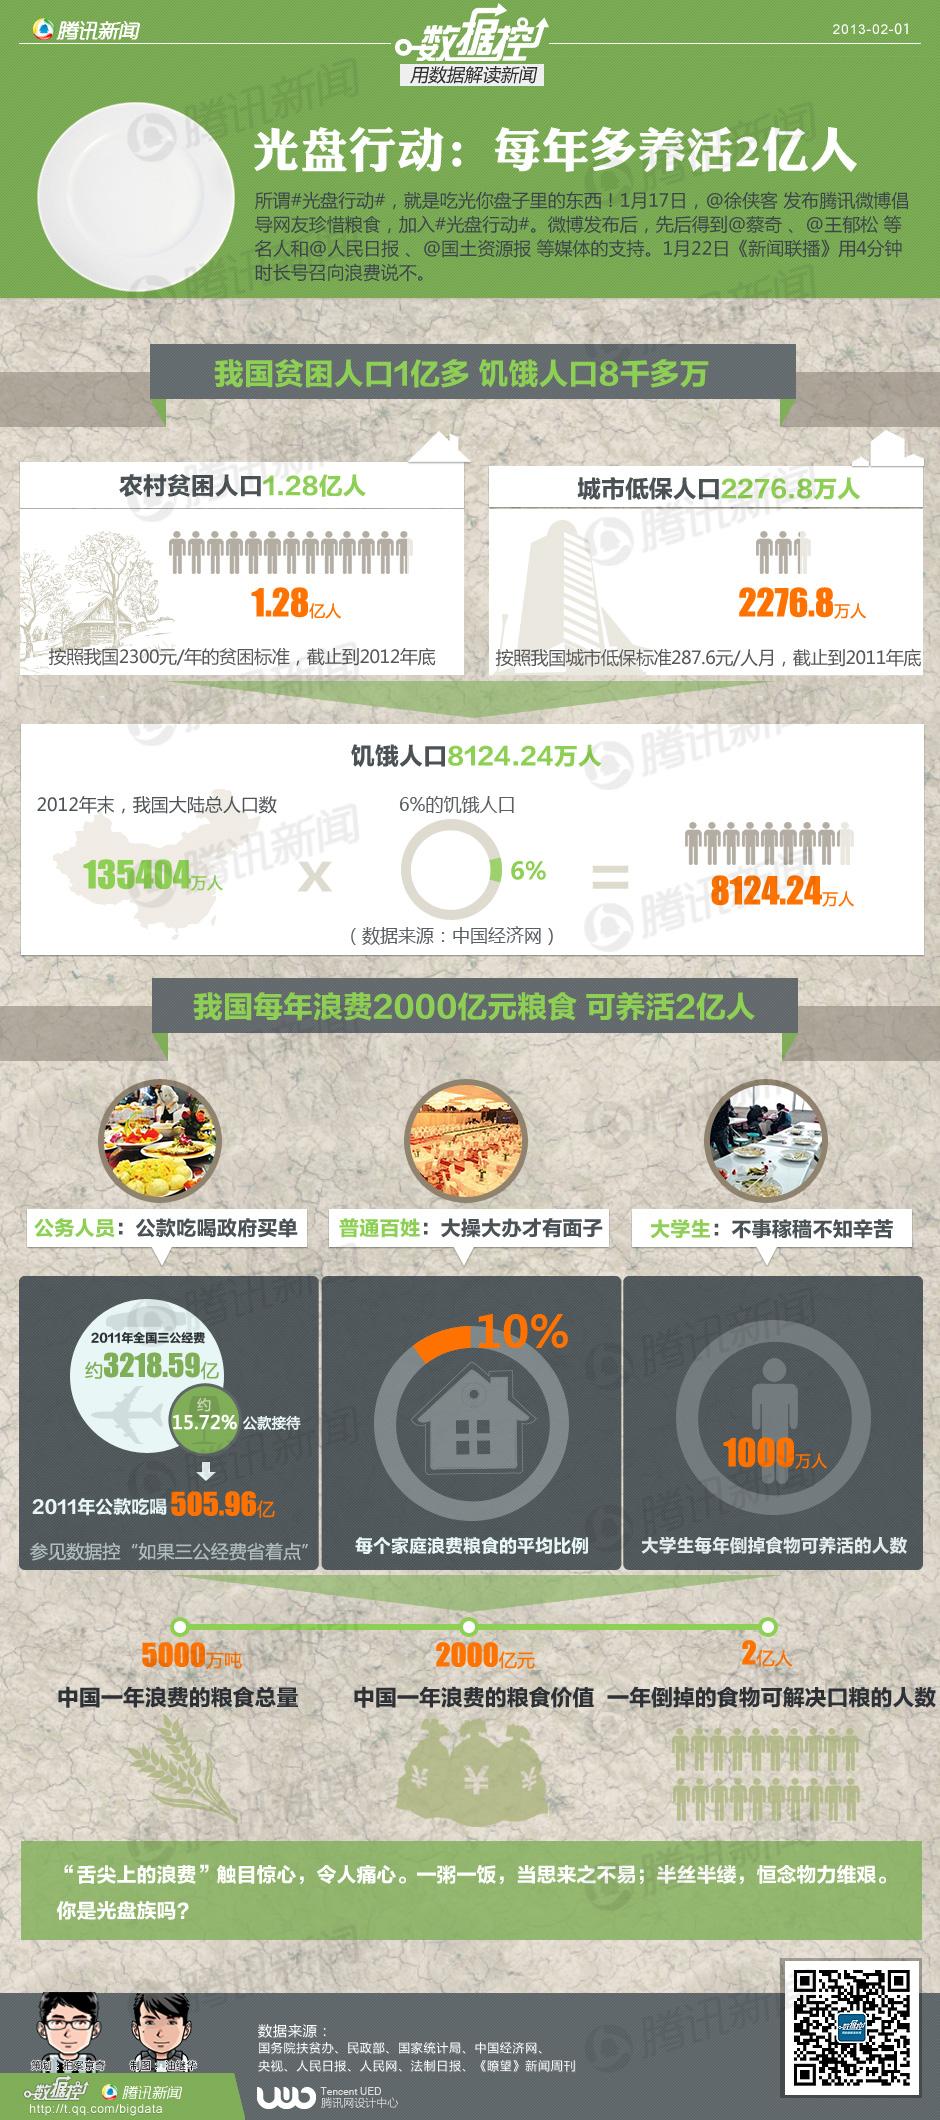 我国每年浪费的粮食可养活2亿人 - 林老师 - 林老师高中政治教学博客